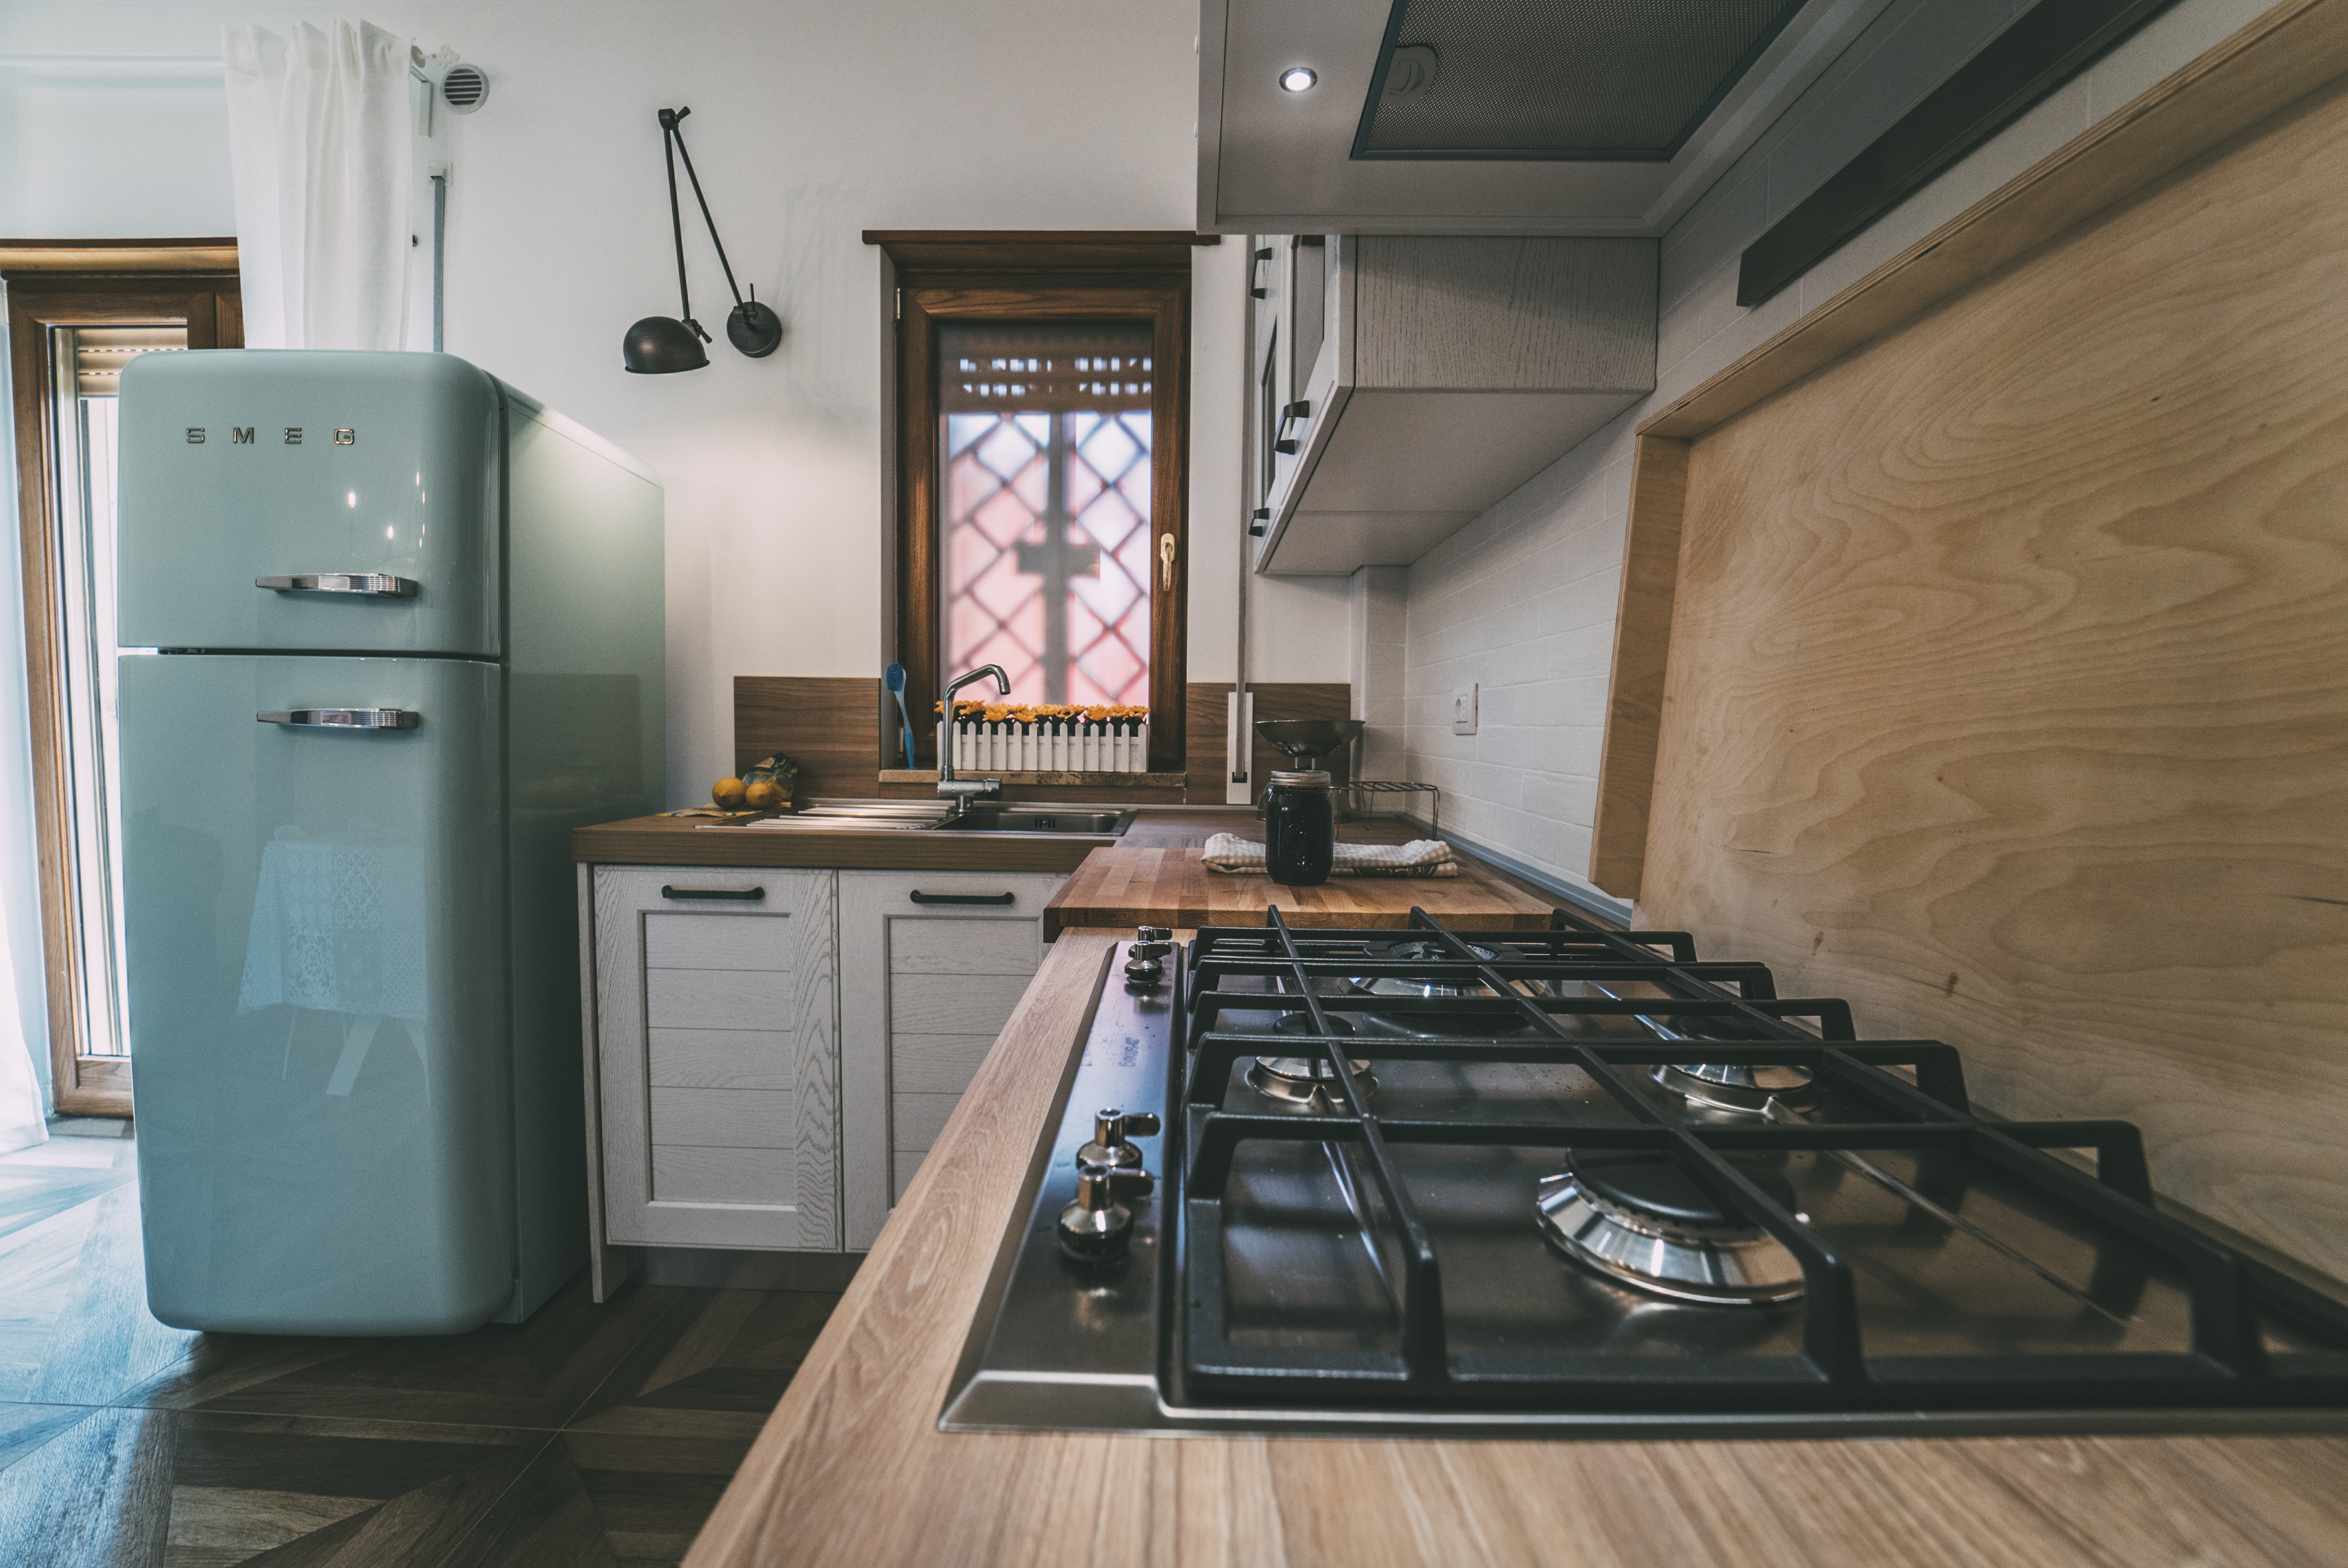 frigo smeg lime l 39 electronique la maison. Black Bedroom Furniture Sets. Home Design Ideas